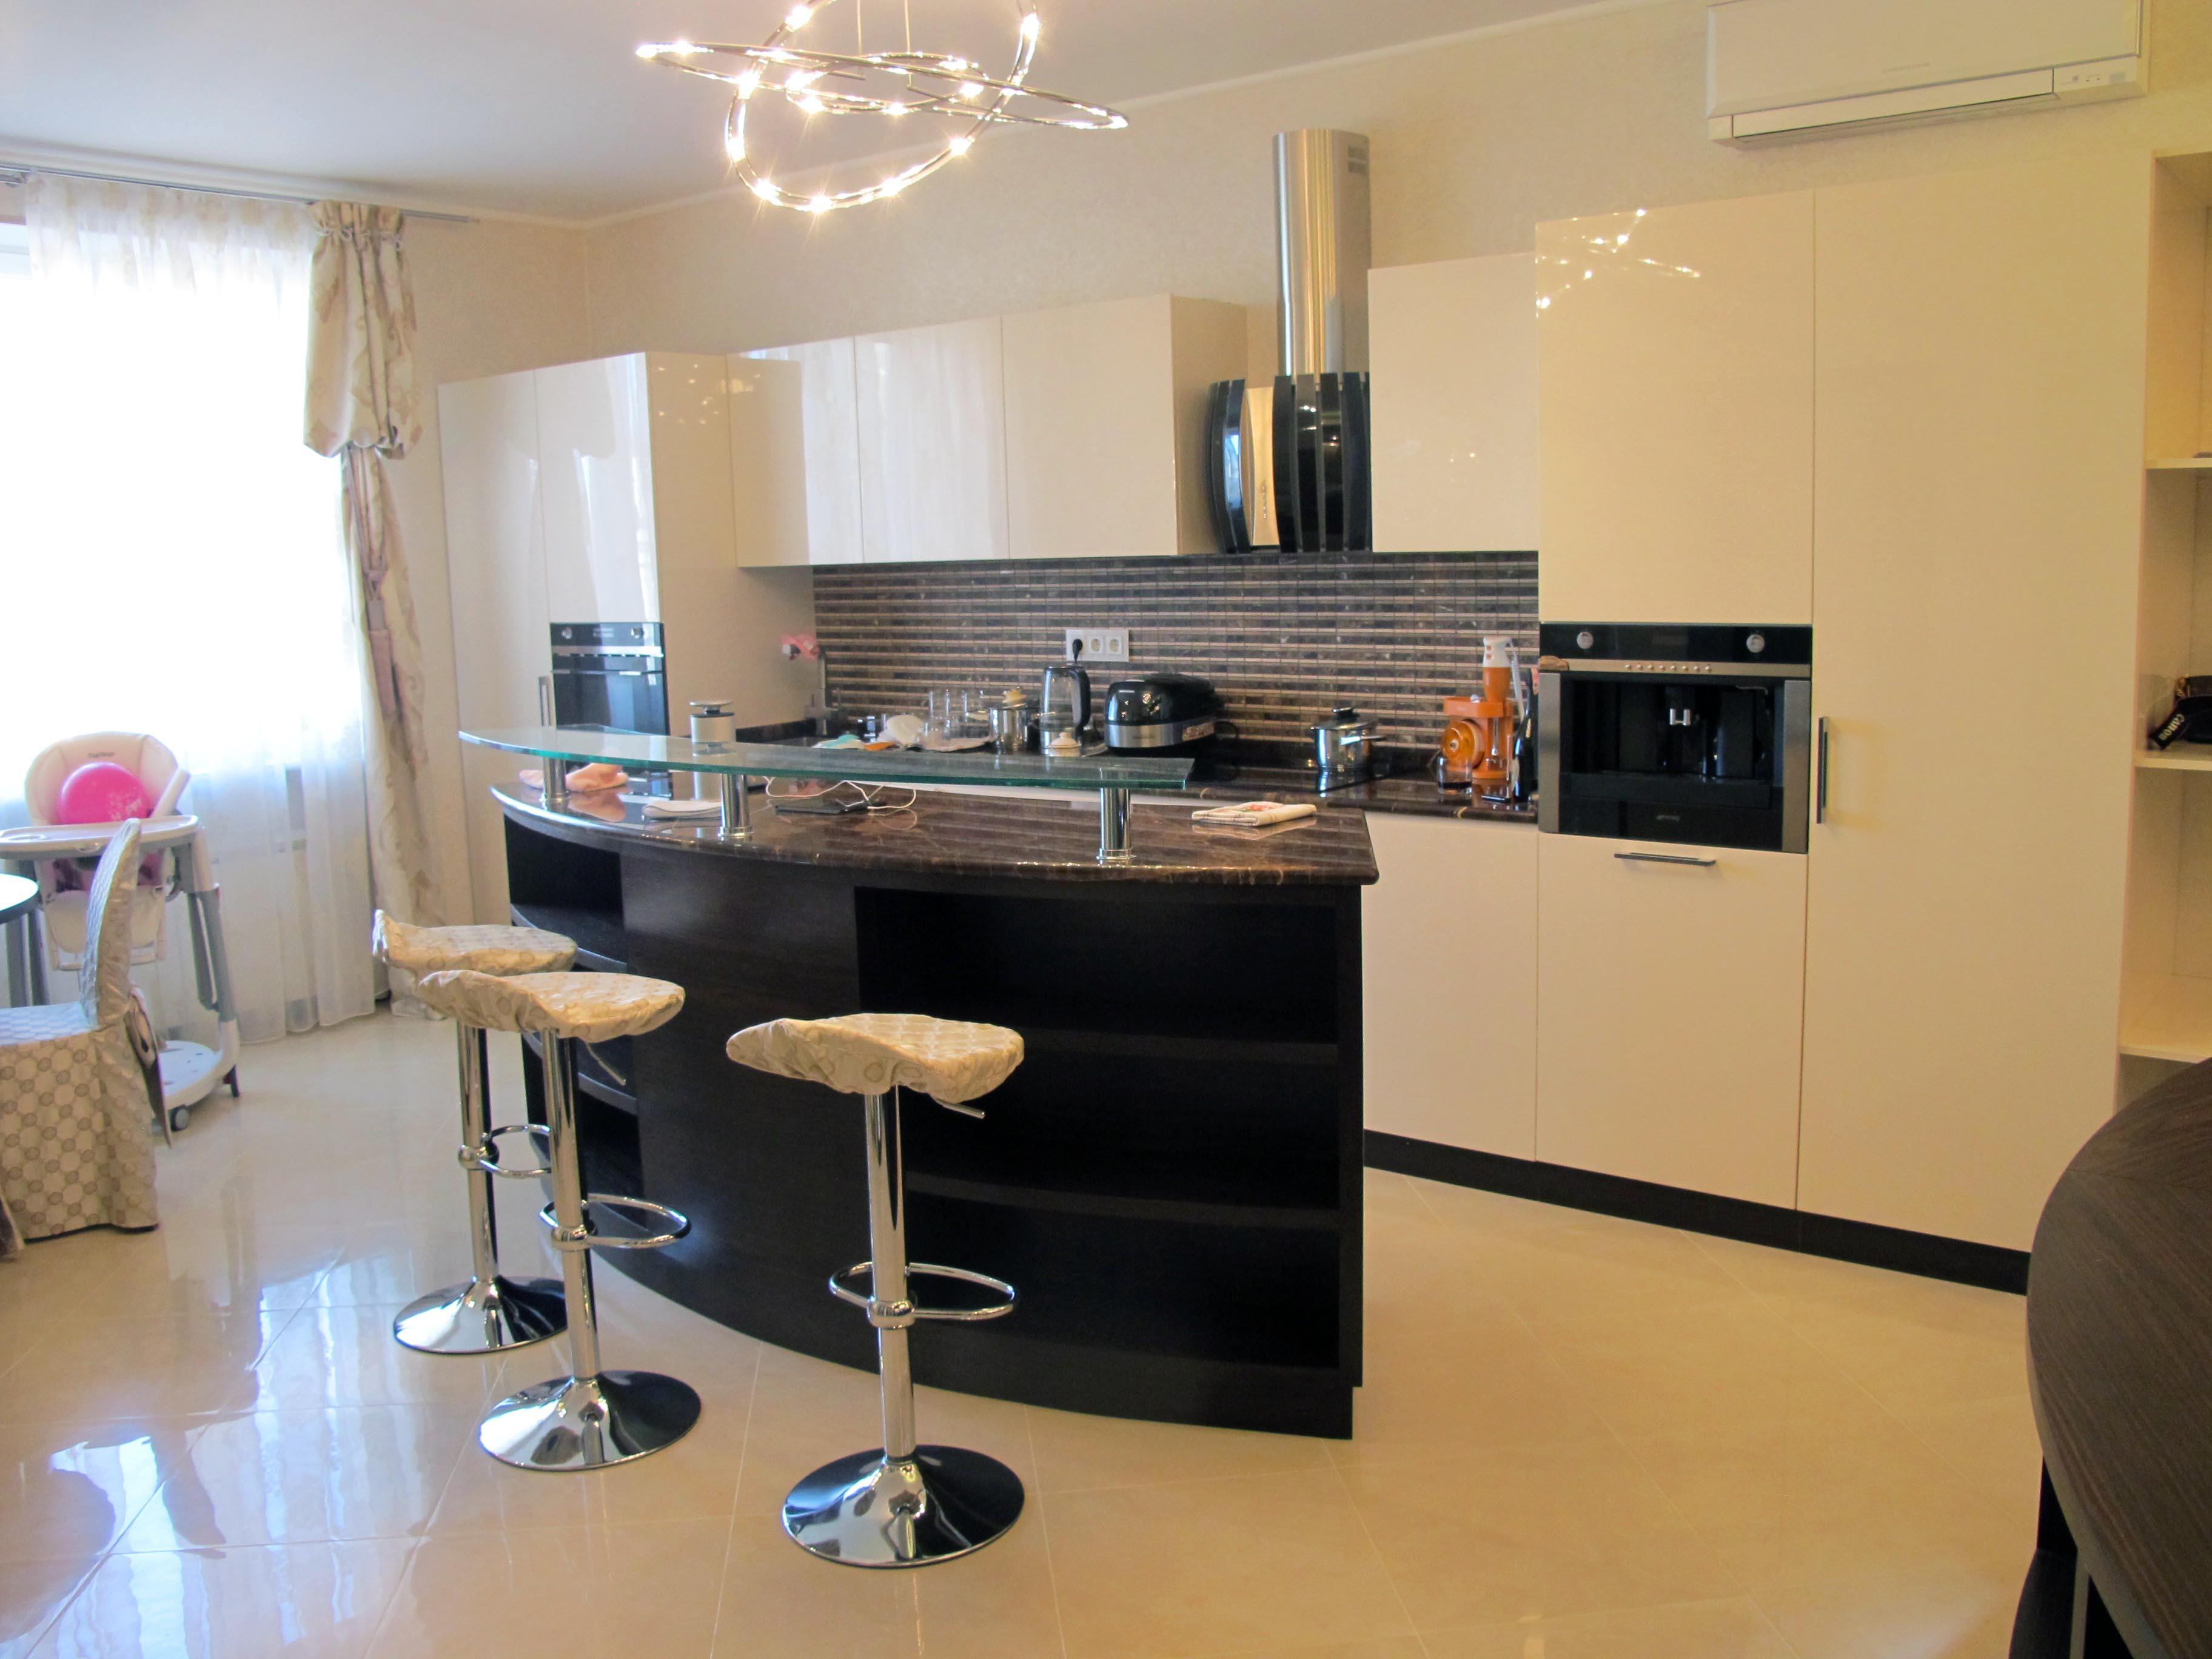 Дизайн гостевой зоны гостиной должен вписываться в общий стиль помещения и соответствовать тем развлечениям, которые составляют досуг хозяев дома и их гостей.